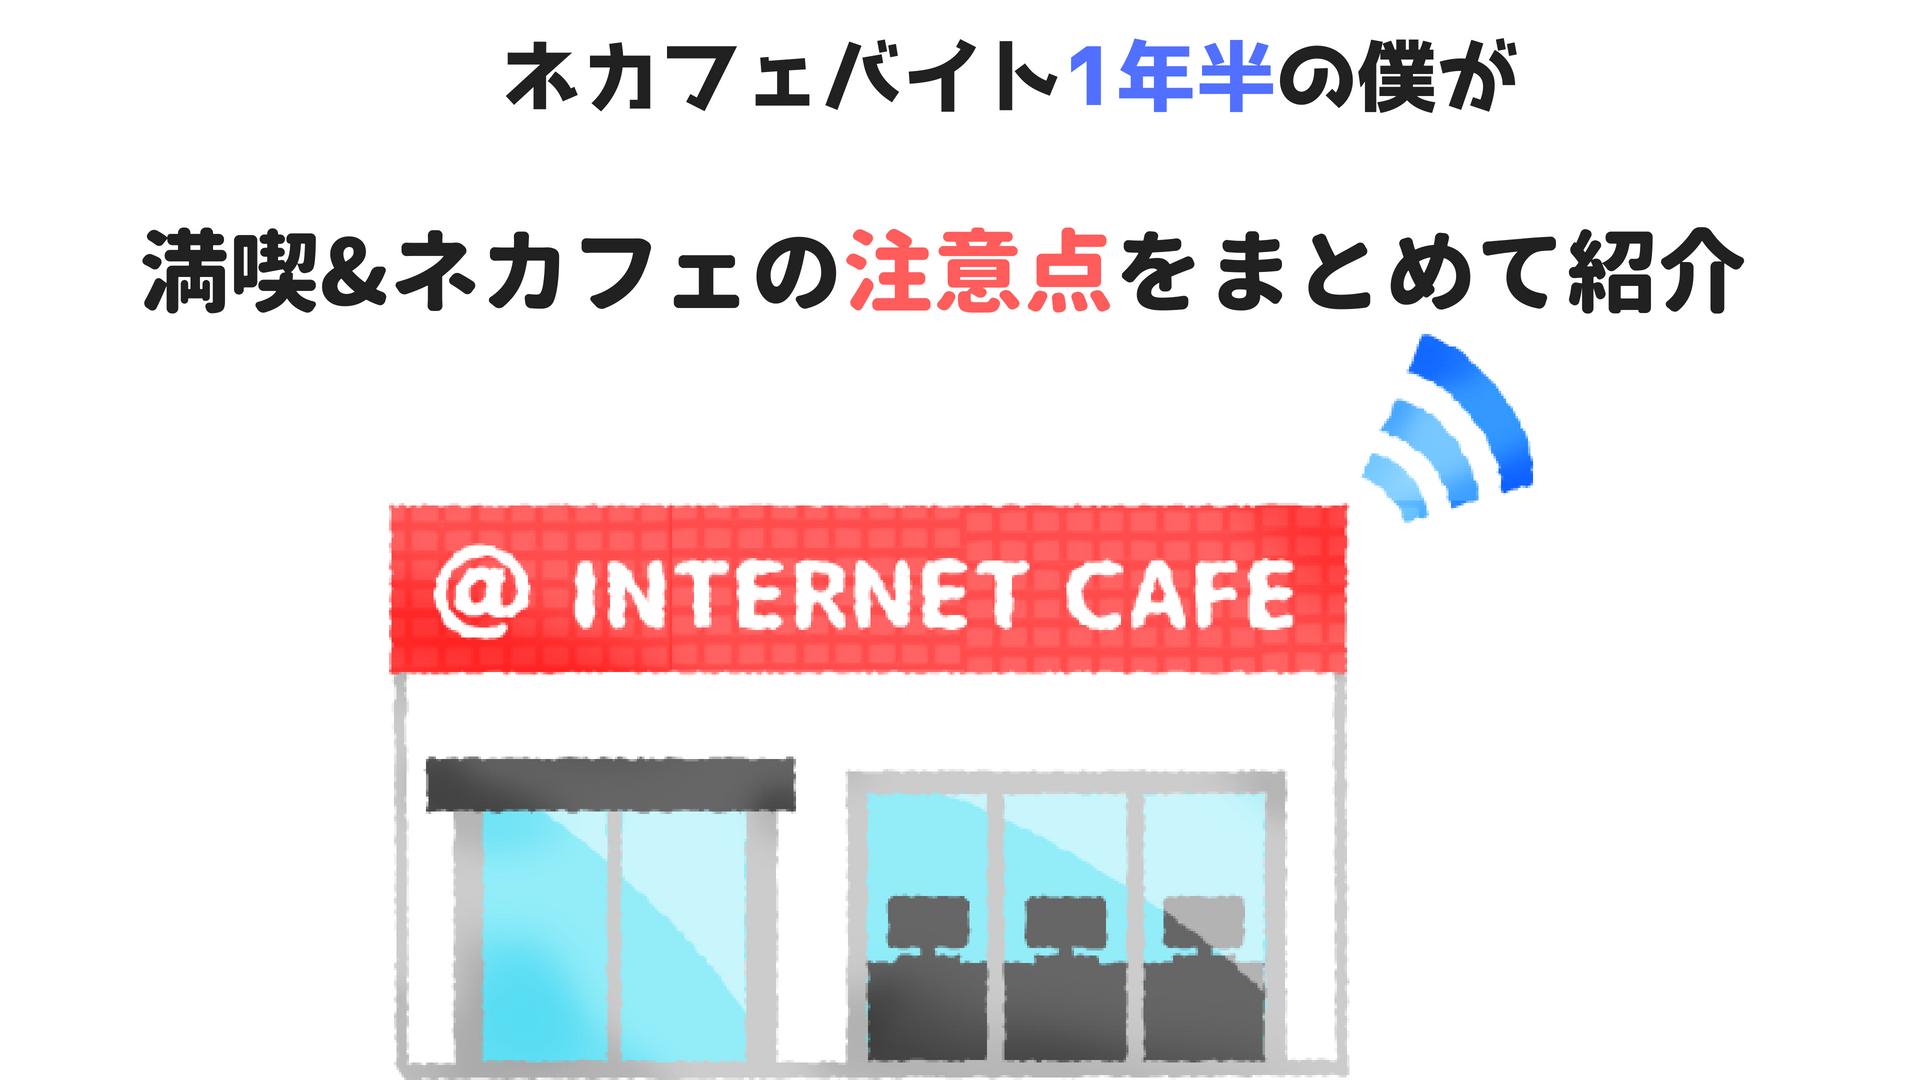 「【初心者向け】漫画喫茶・インターネットカフェの注意点まとめ」のアイキャッチ画像